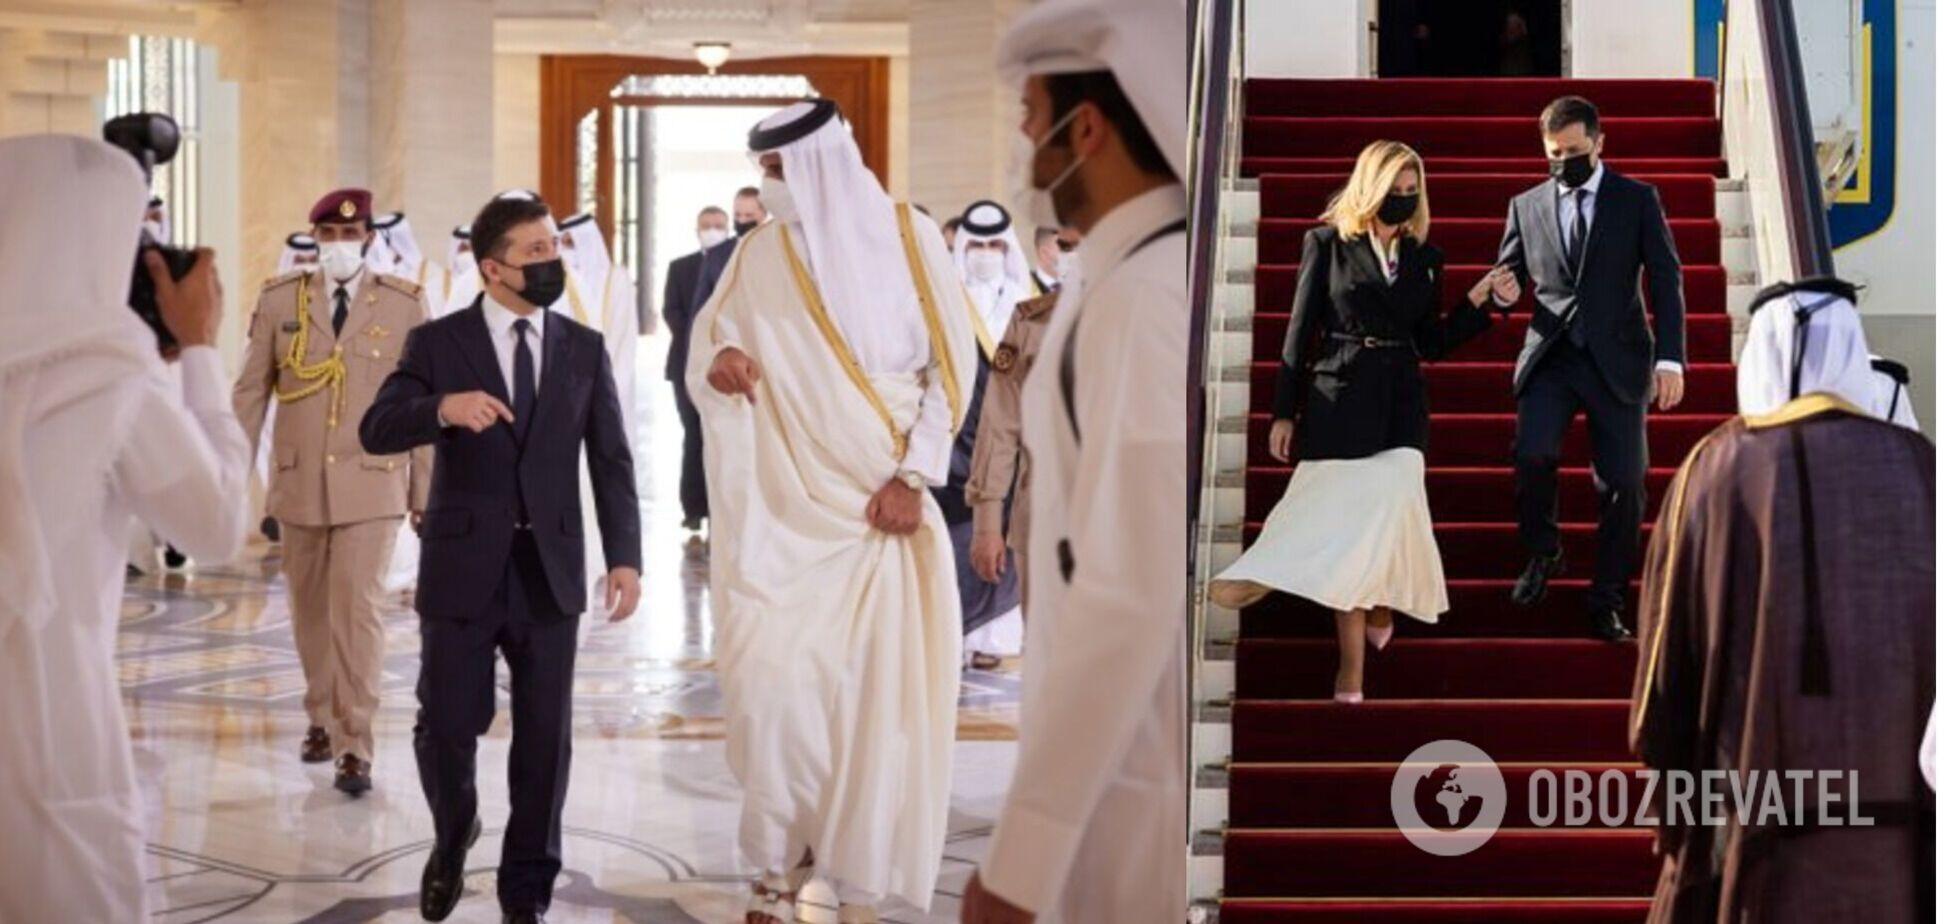 'Зрада и перемога' Зеленского и Порошенко в Катаре